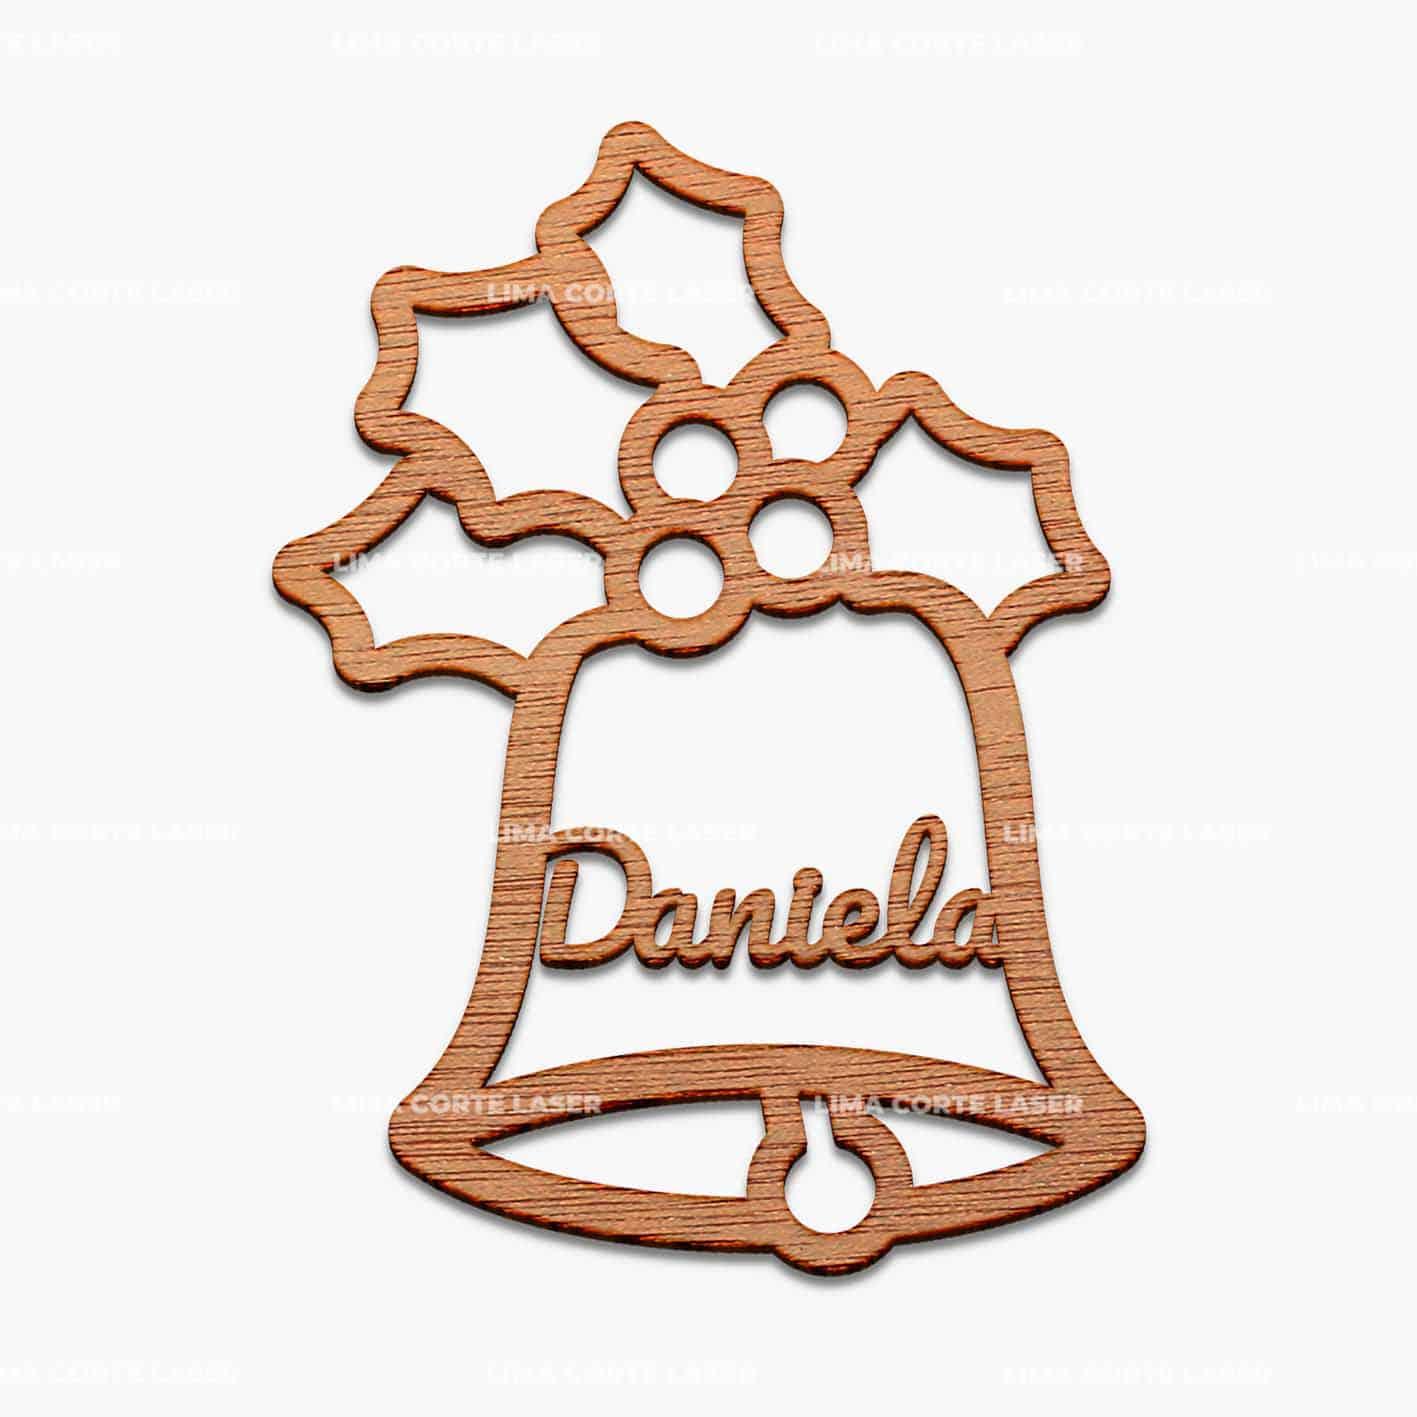 Adorno navideño personalizado con forma de campana de navidad y nombre Daniela